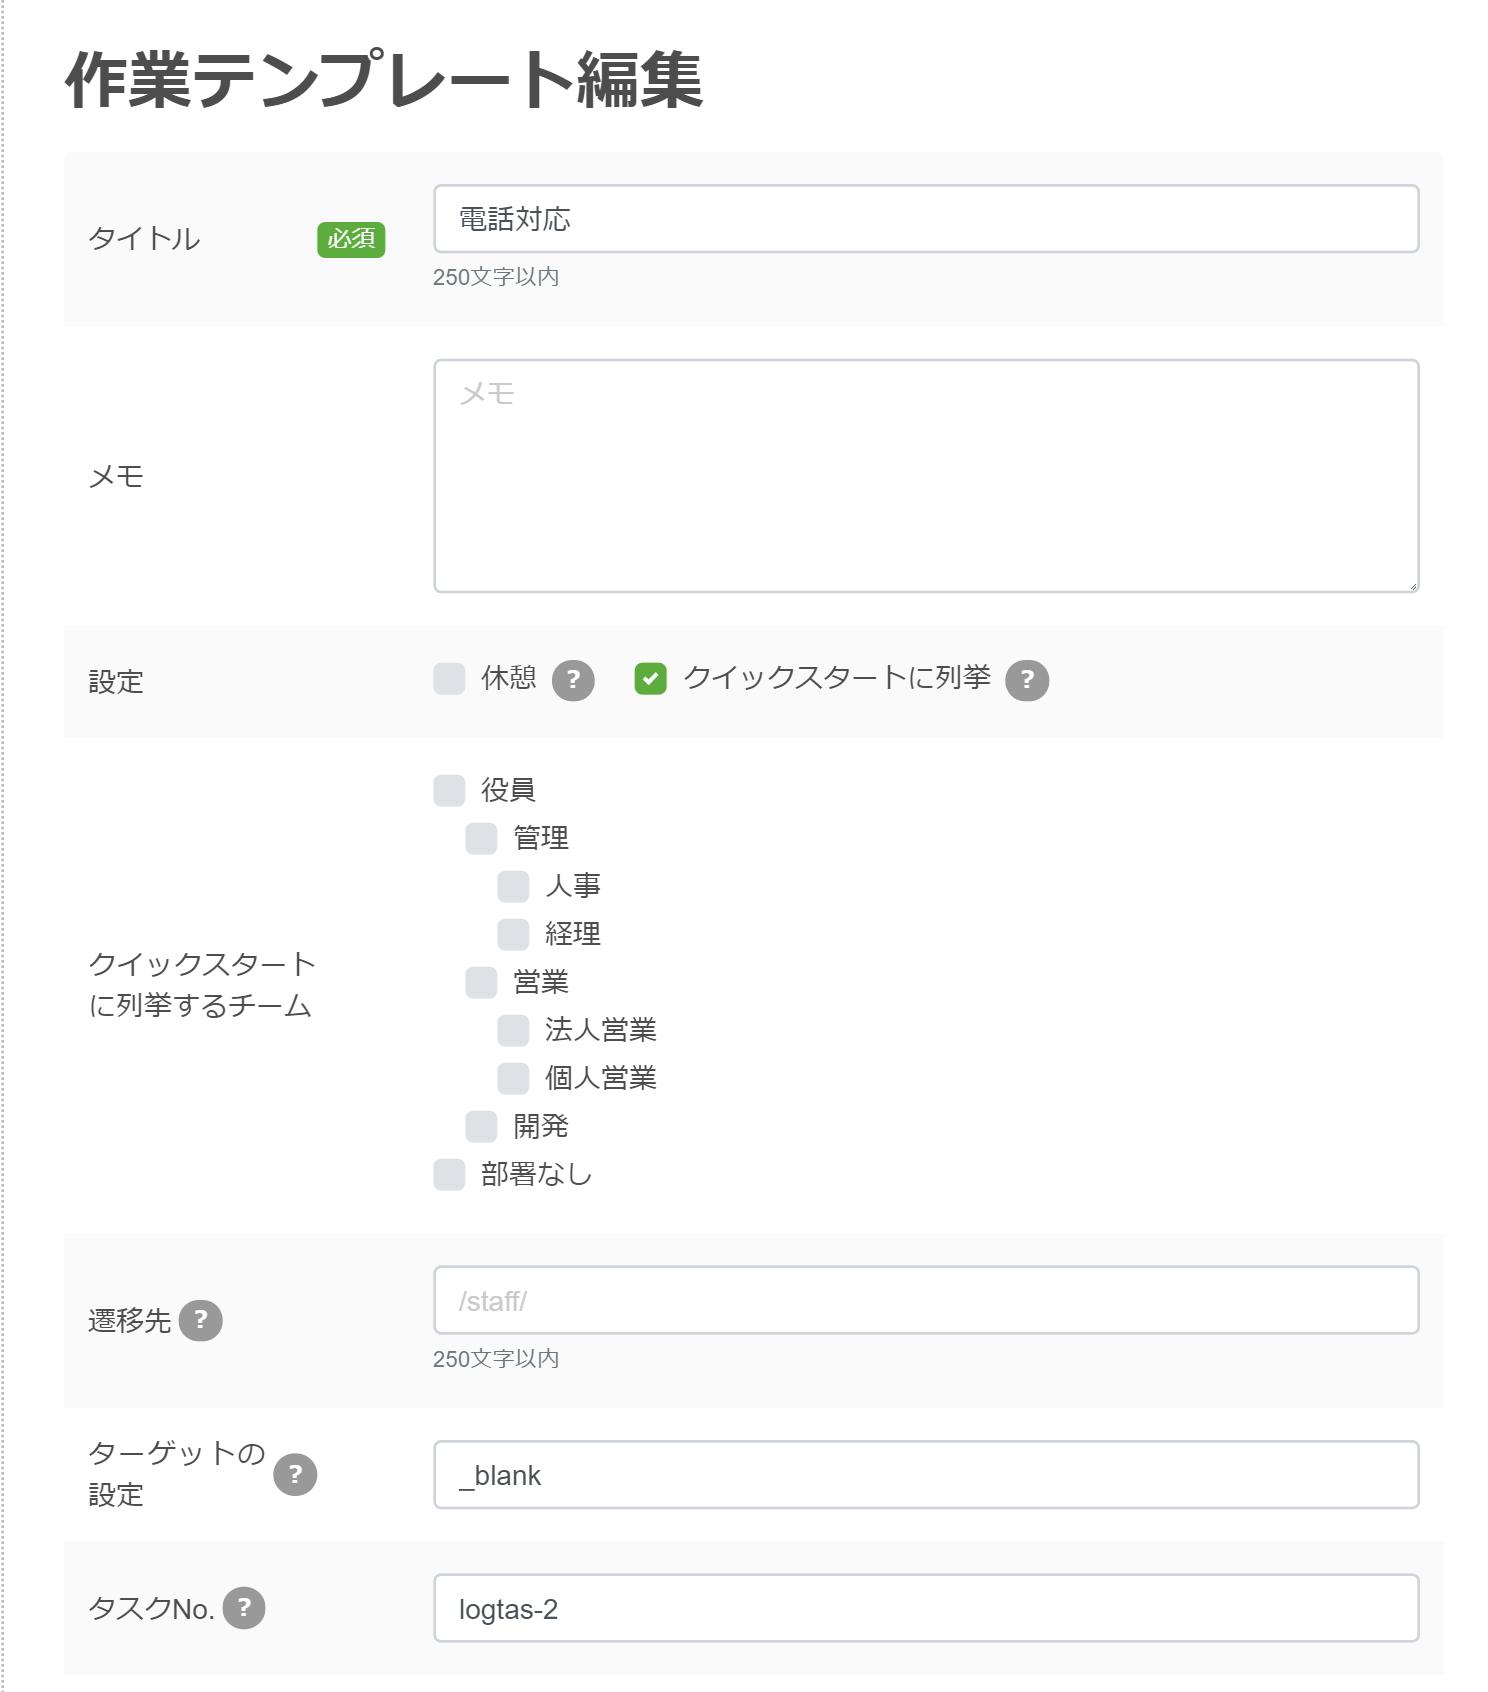 logtas.jp_staff_template_work02.png